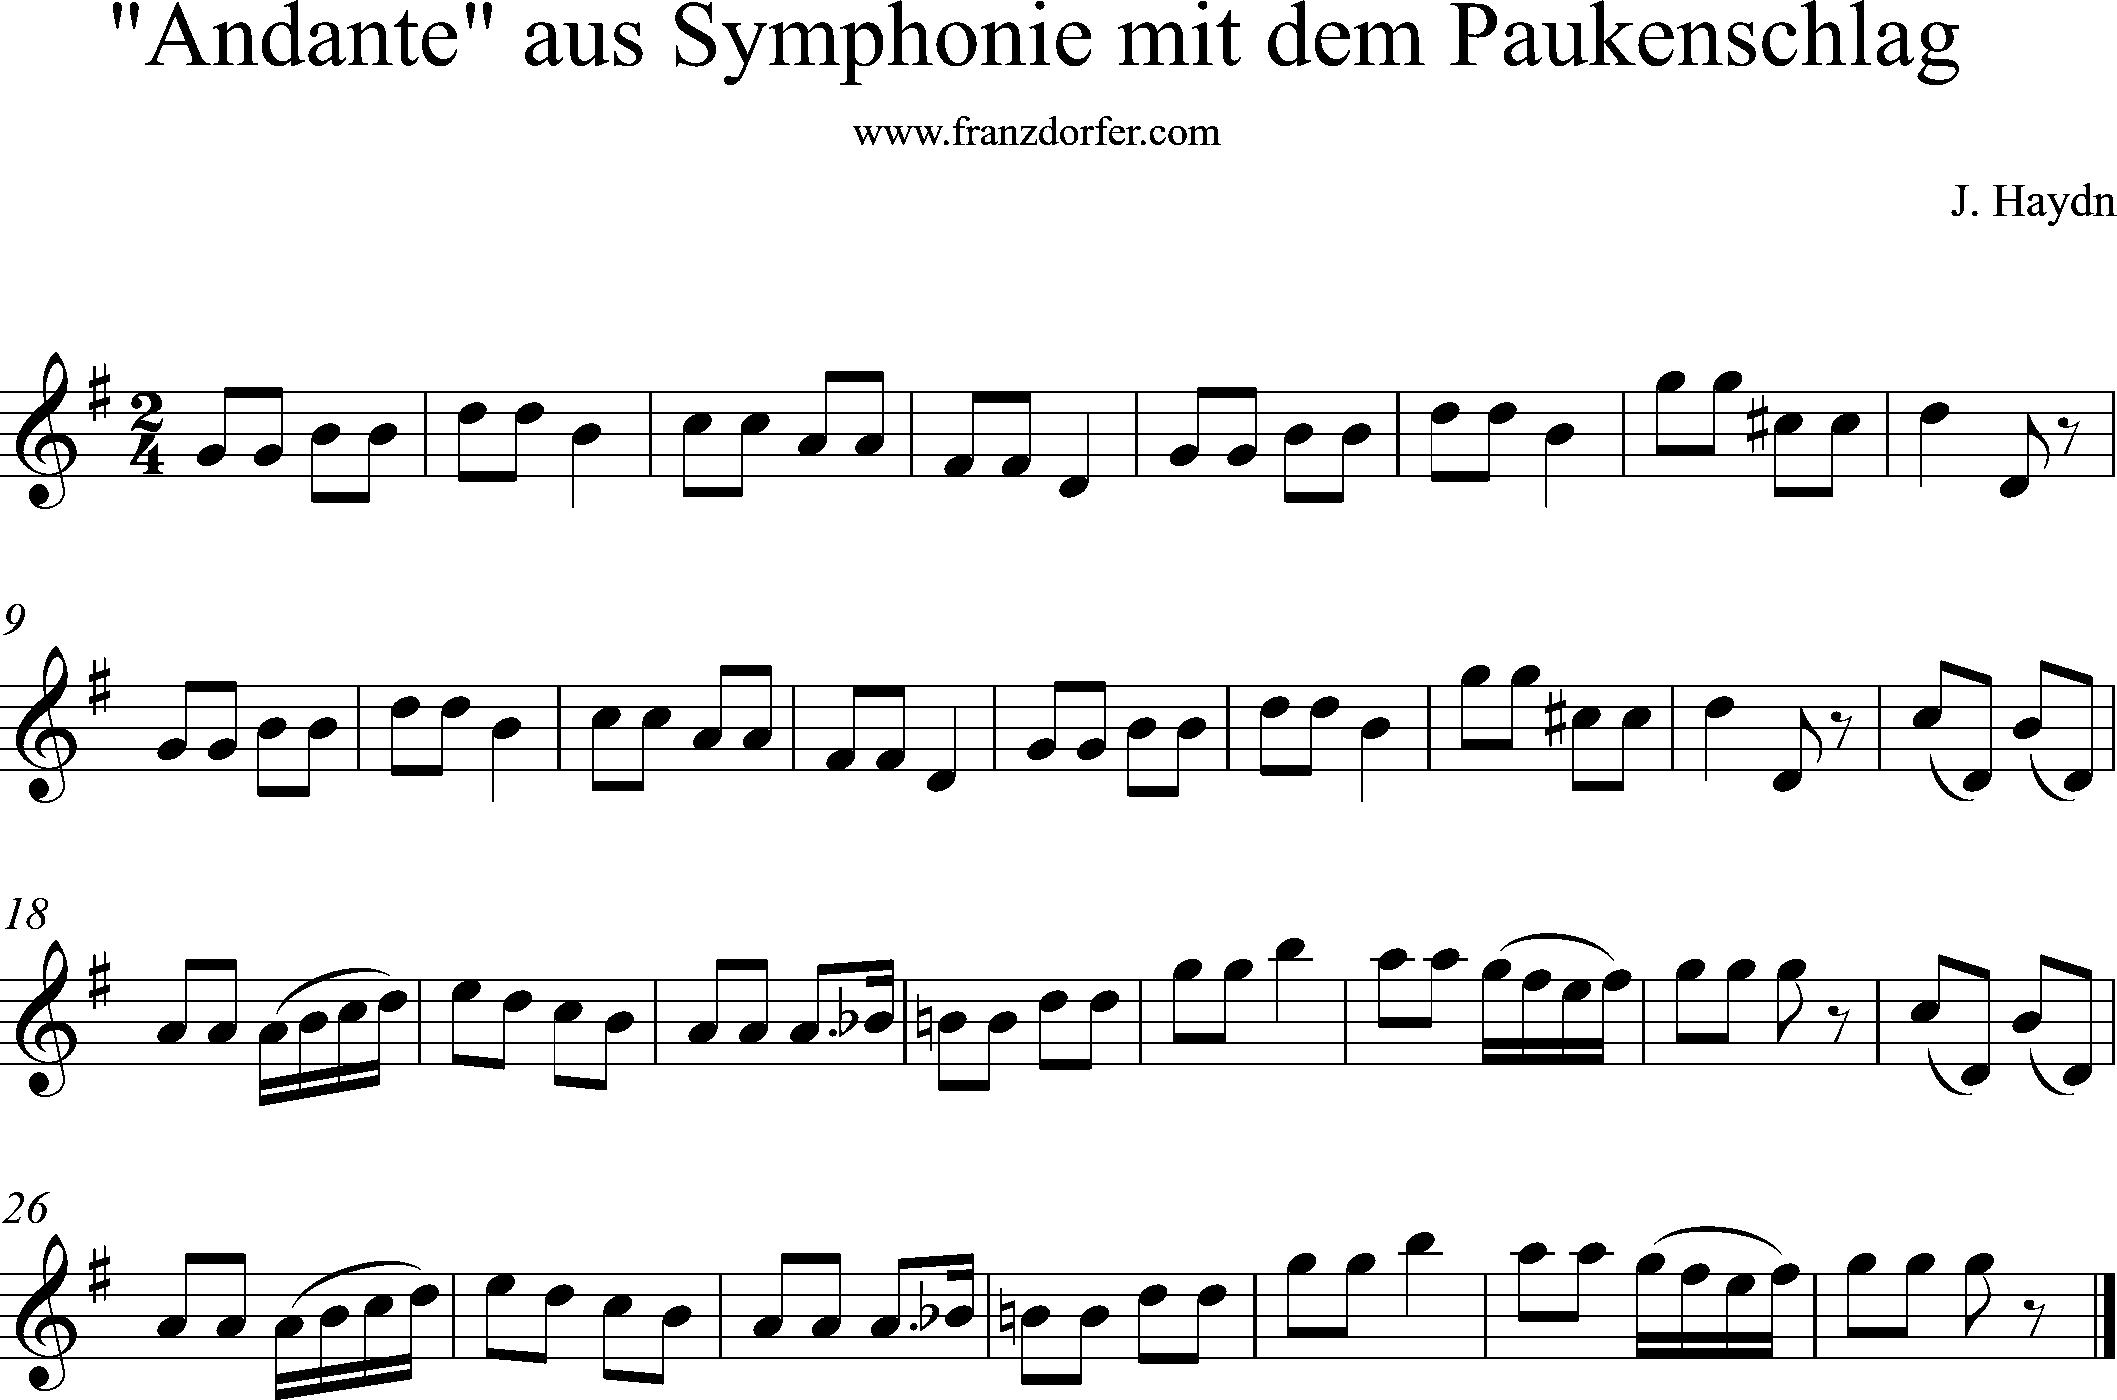 Sinfonie Mit Dem Paukenschlag